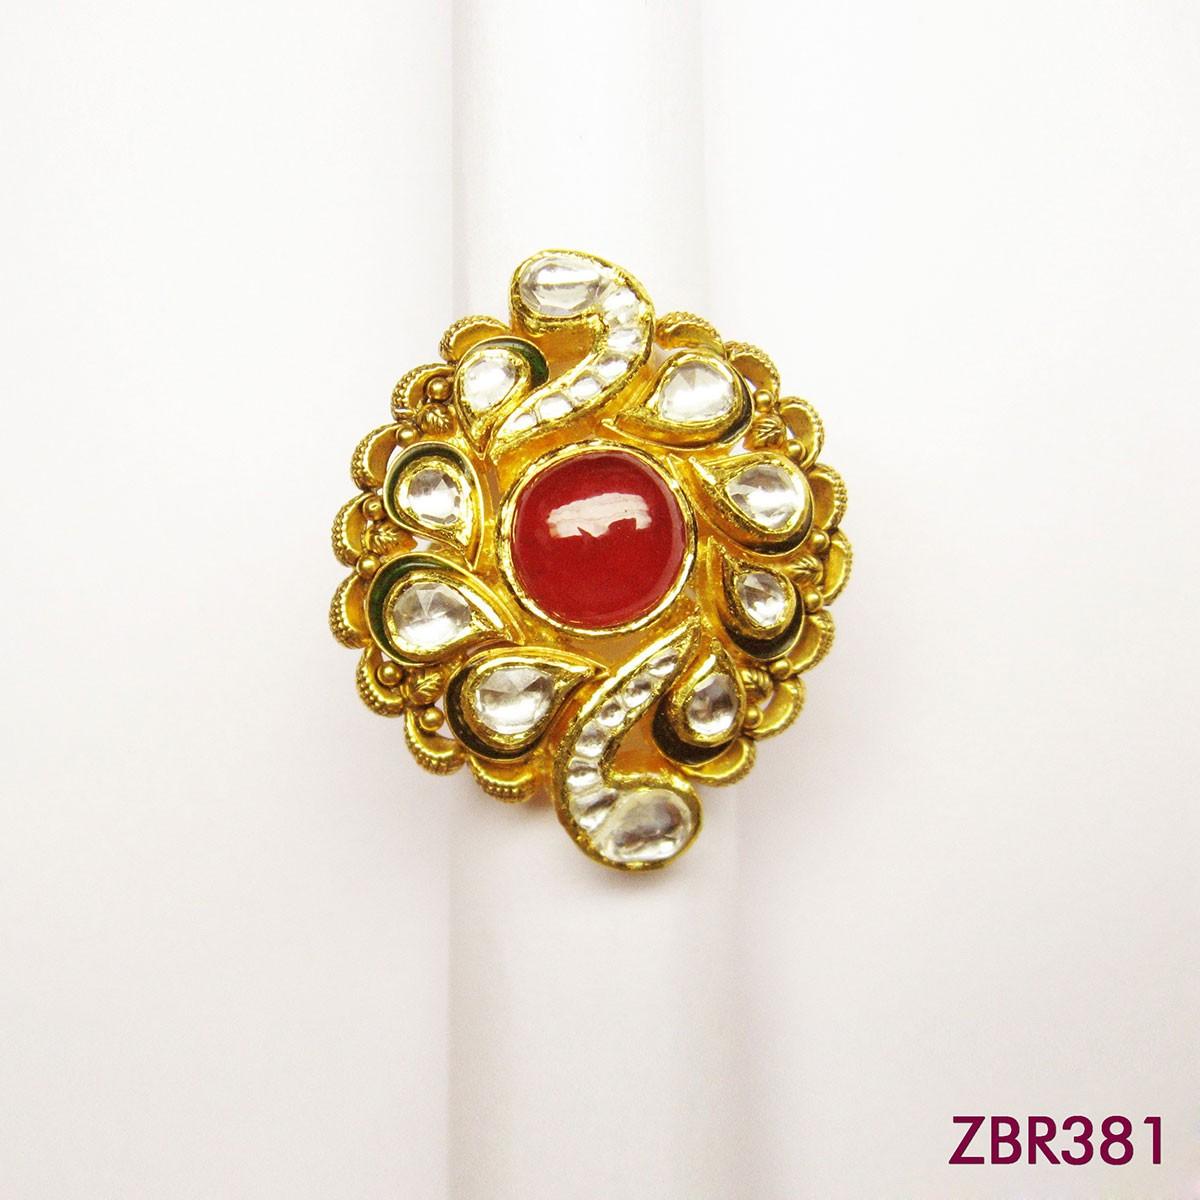 ZBR381